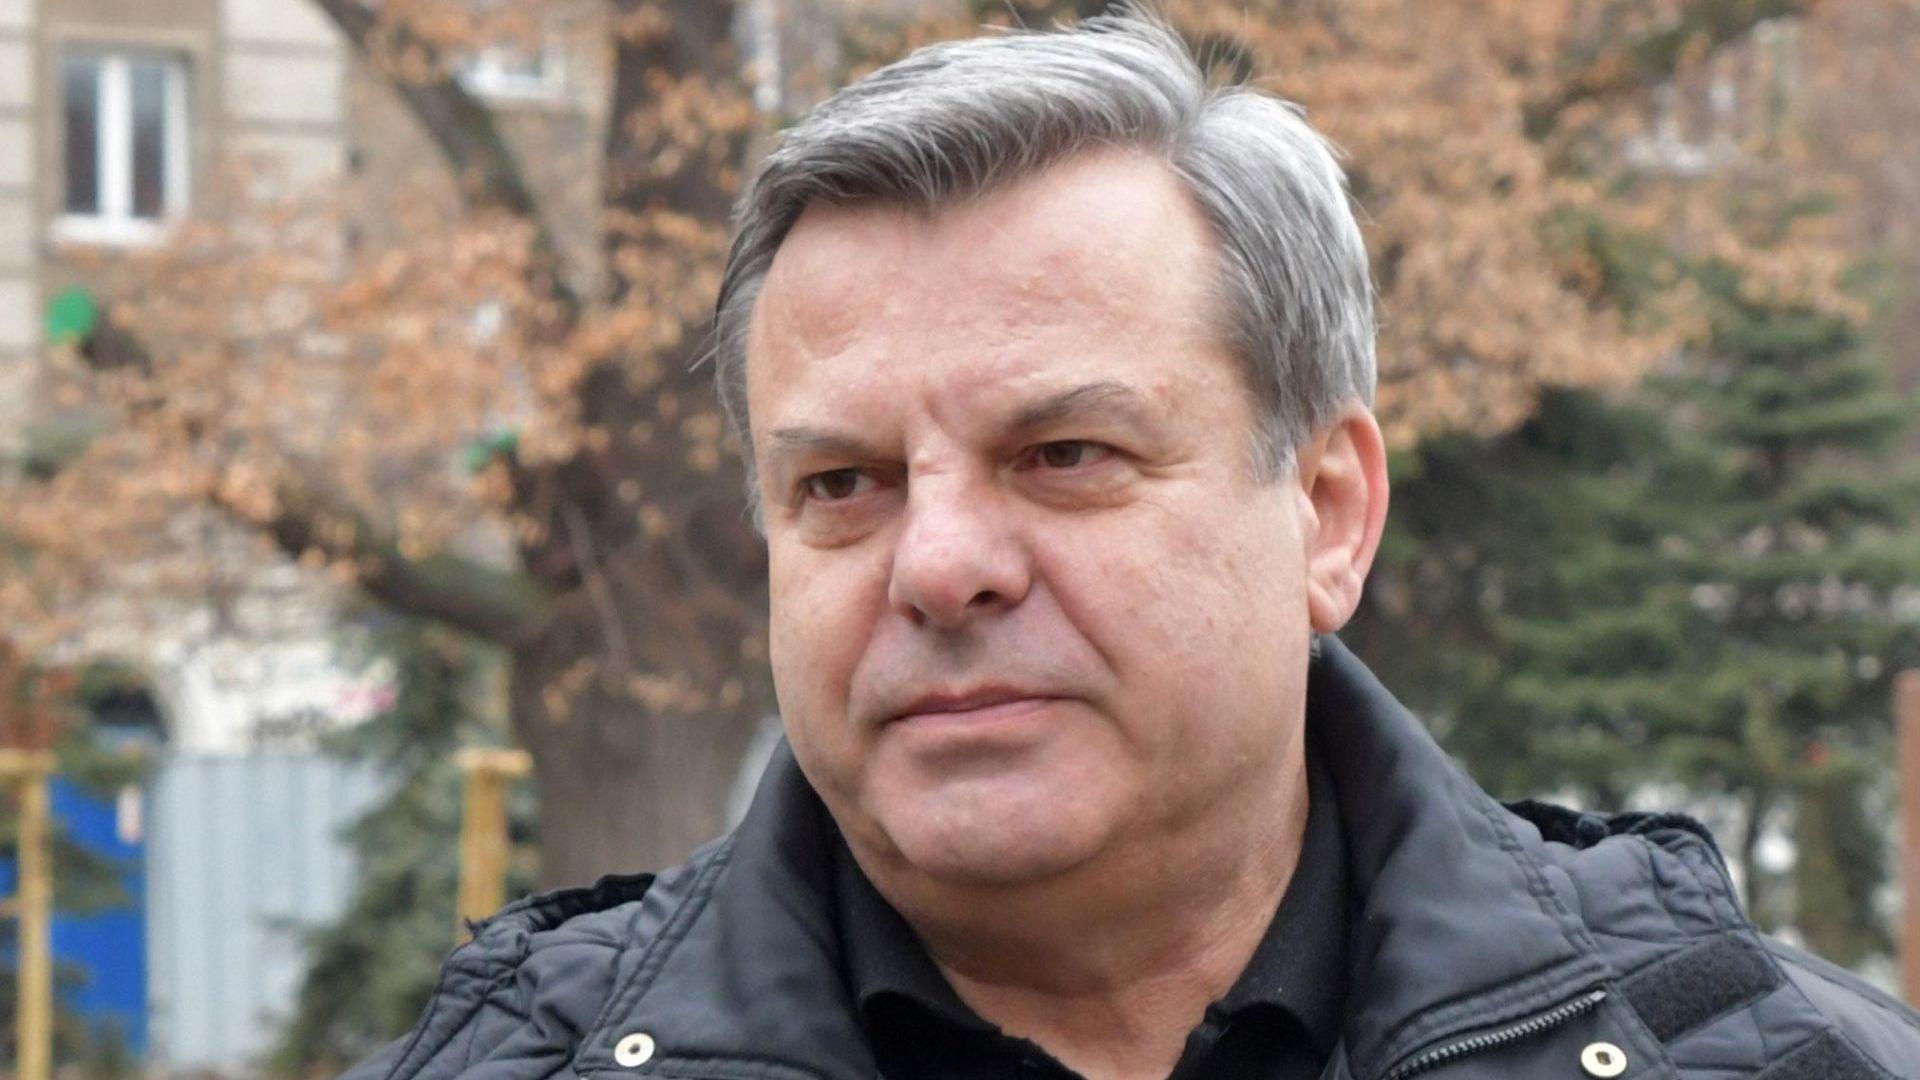 Евгений Бакърджиев опериран 2 пъти по спешност заради кръвоизлив, органите му отказали